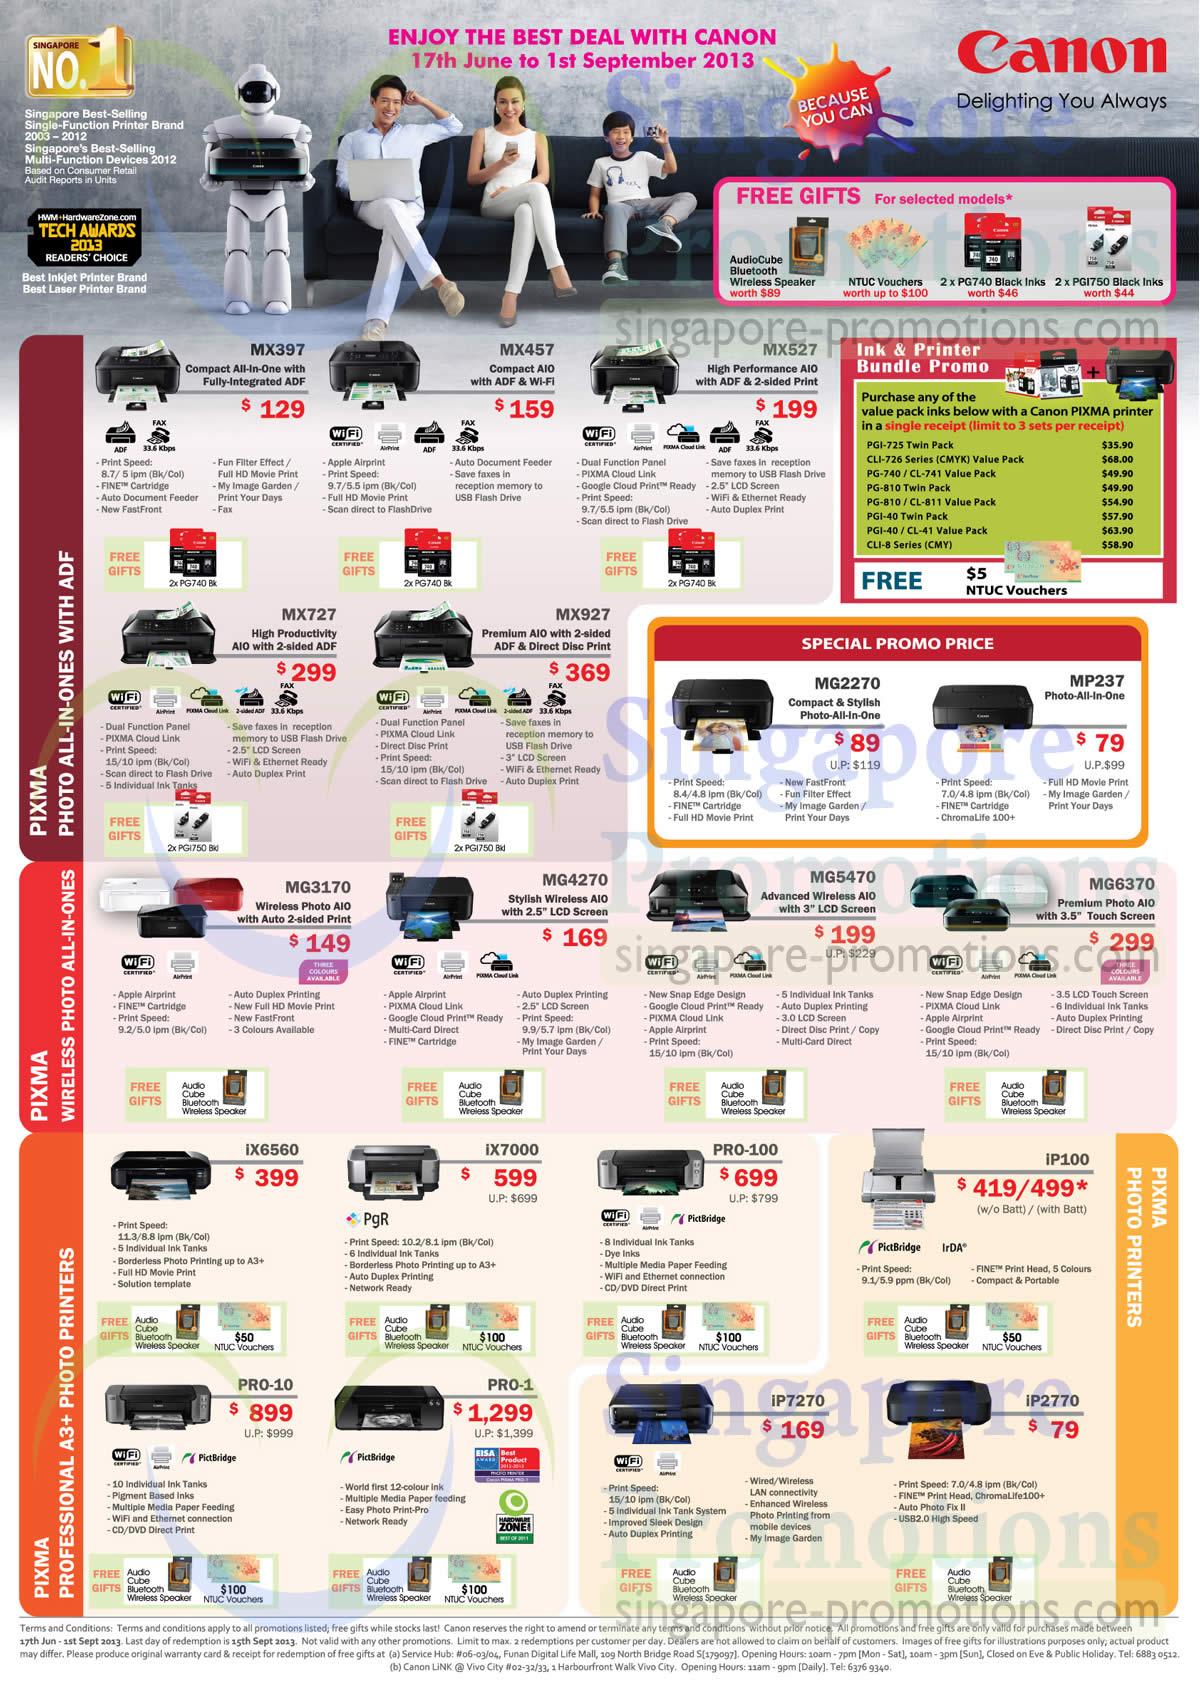 Inkjet Printers MX397, MX457, MX527, MX727, MX927, MG3170, MG4270, MG5470, MG6370, IX6560, IX7000, Pro-100, IP100, Pro-10, Pro-1, IP7270, IP2770